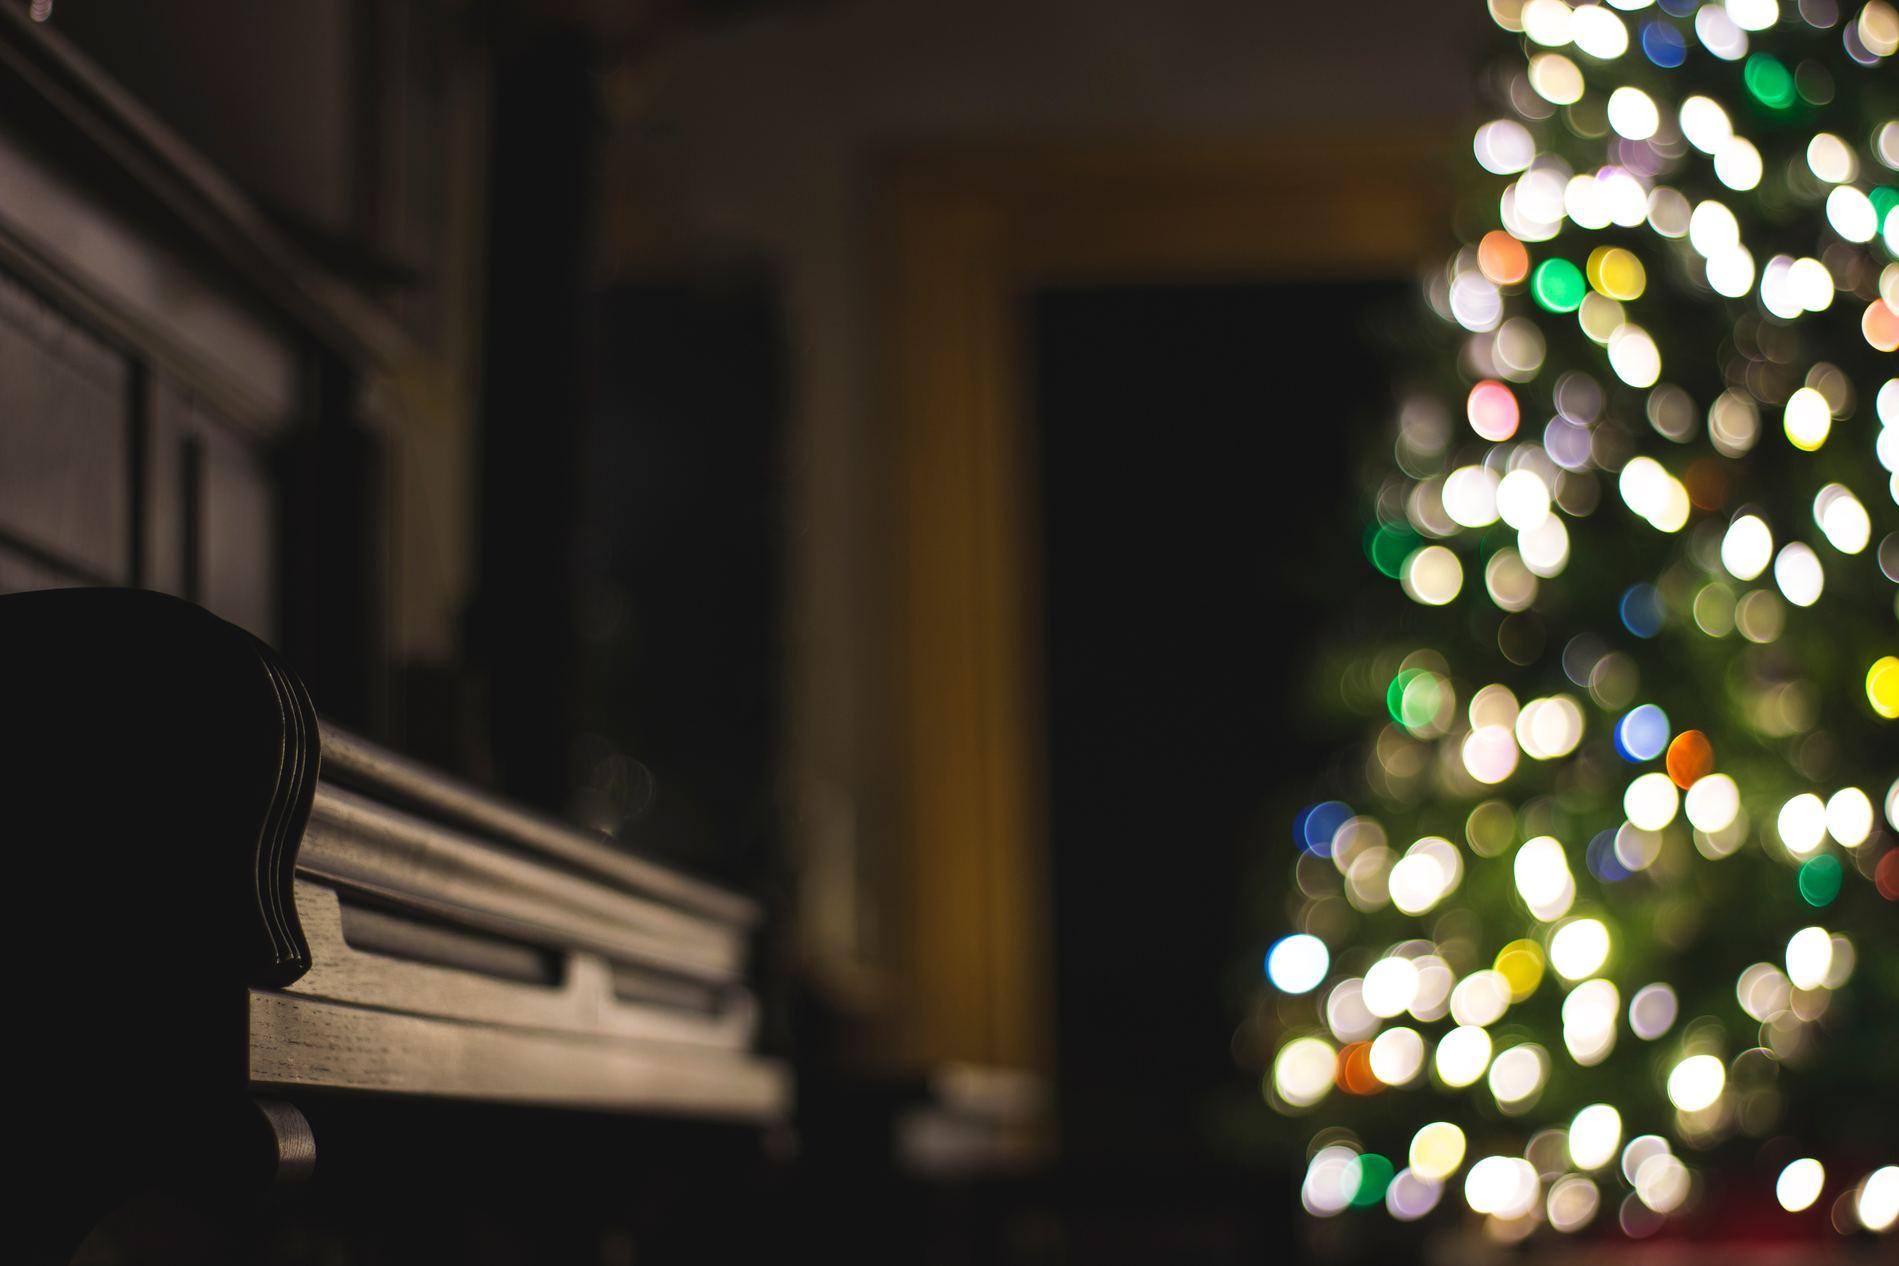 möblum-eventos_navideños_en_la_CDMX-frazada-estilo_del_mes-white_design-invernal(14)